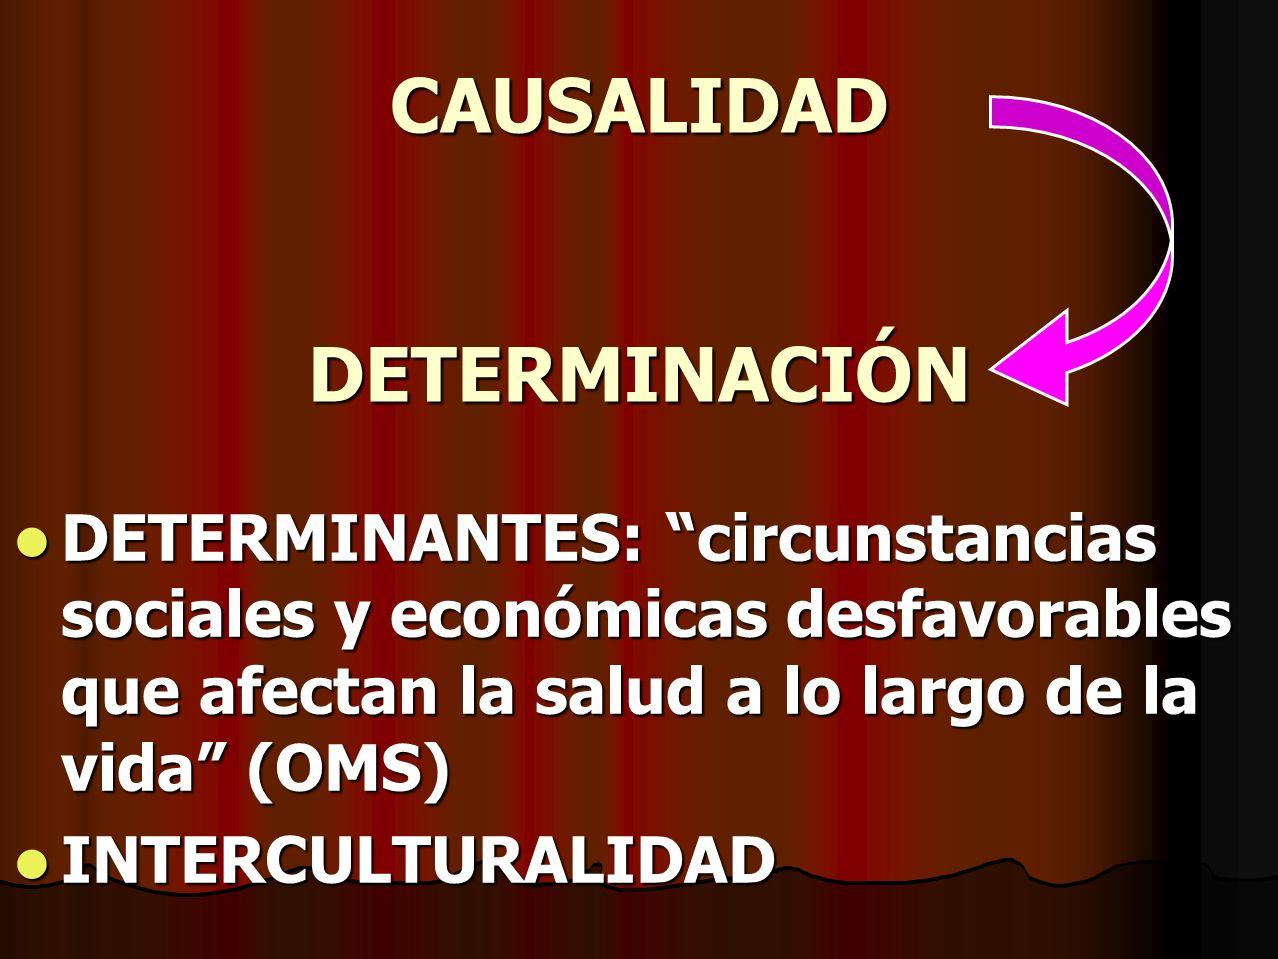 CAUSALIDAD DETERMINACIÓN DETERMINANTES: circunstancias sociales y económicas desfavorables que afectan la salud a lo largo de la vida (OMS) DETERMINAN